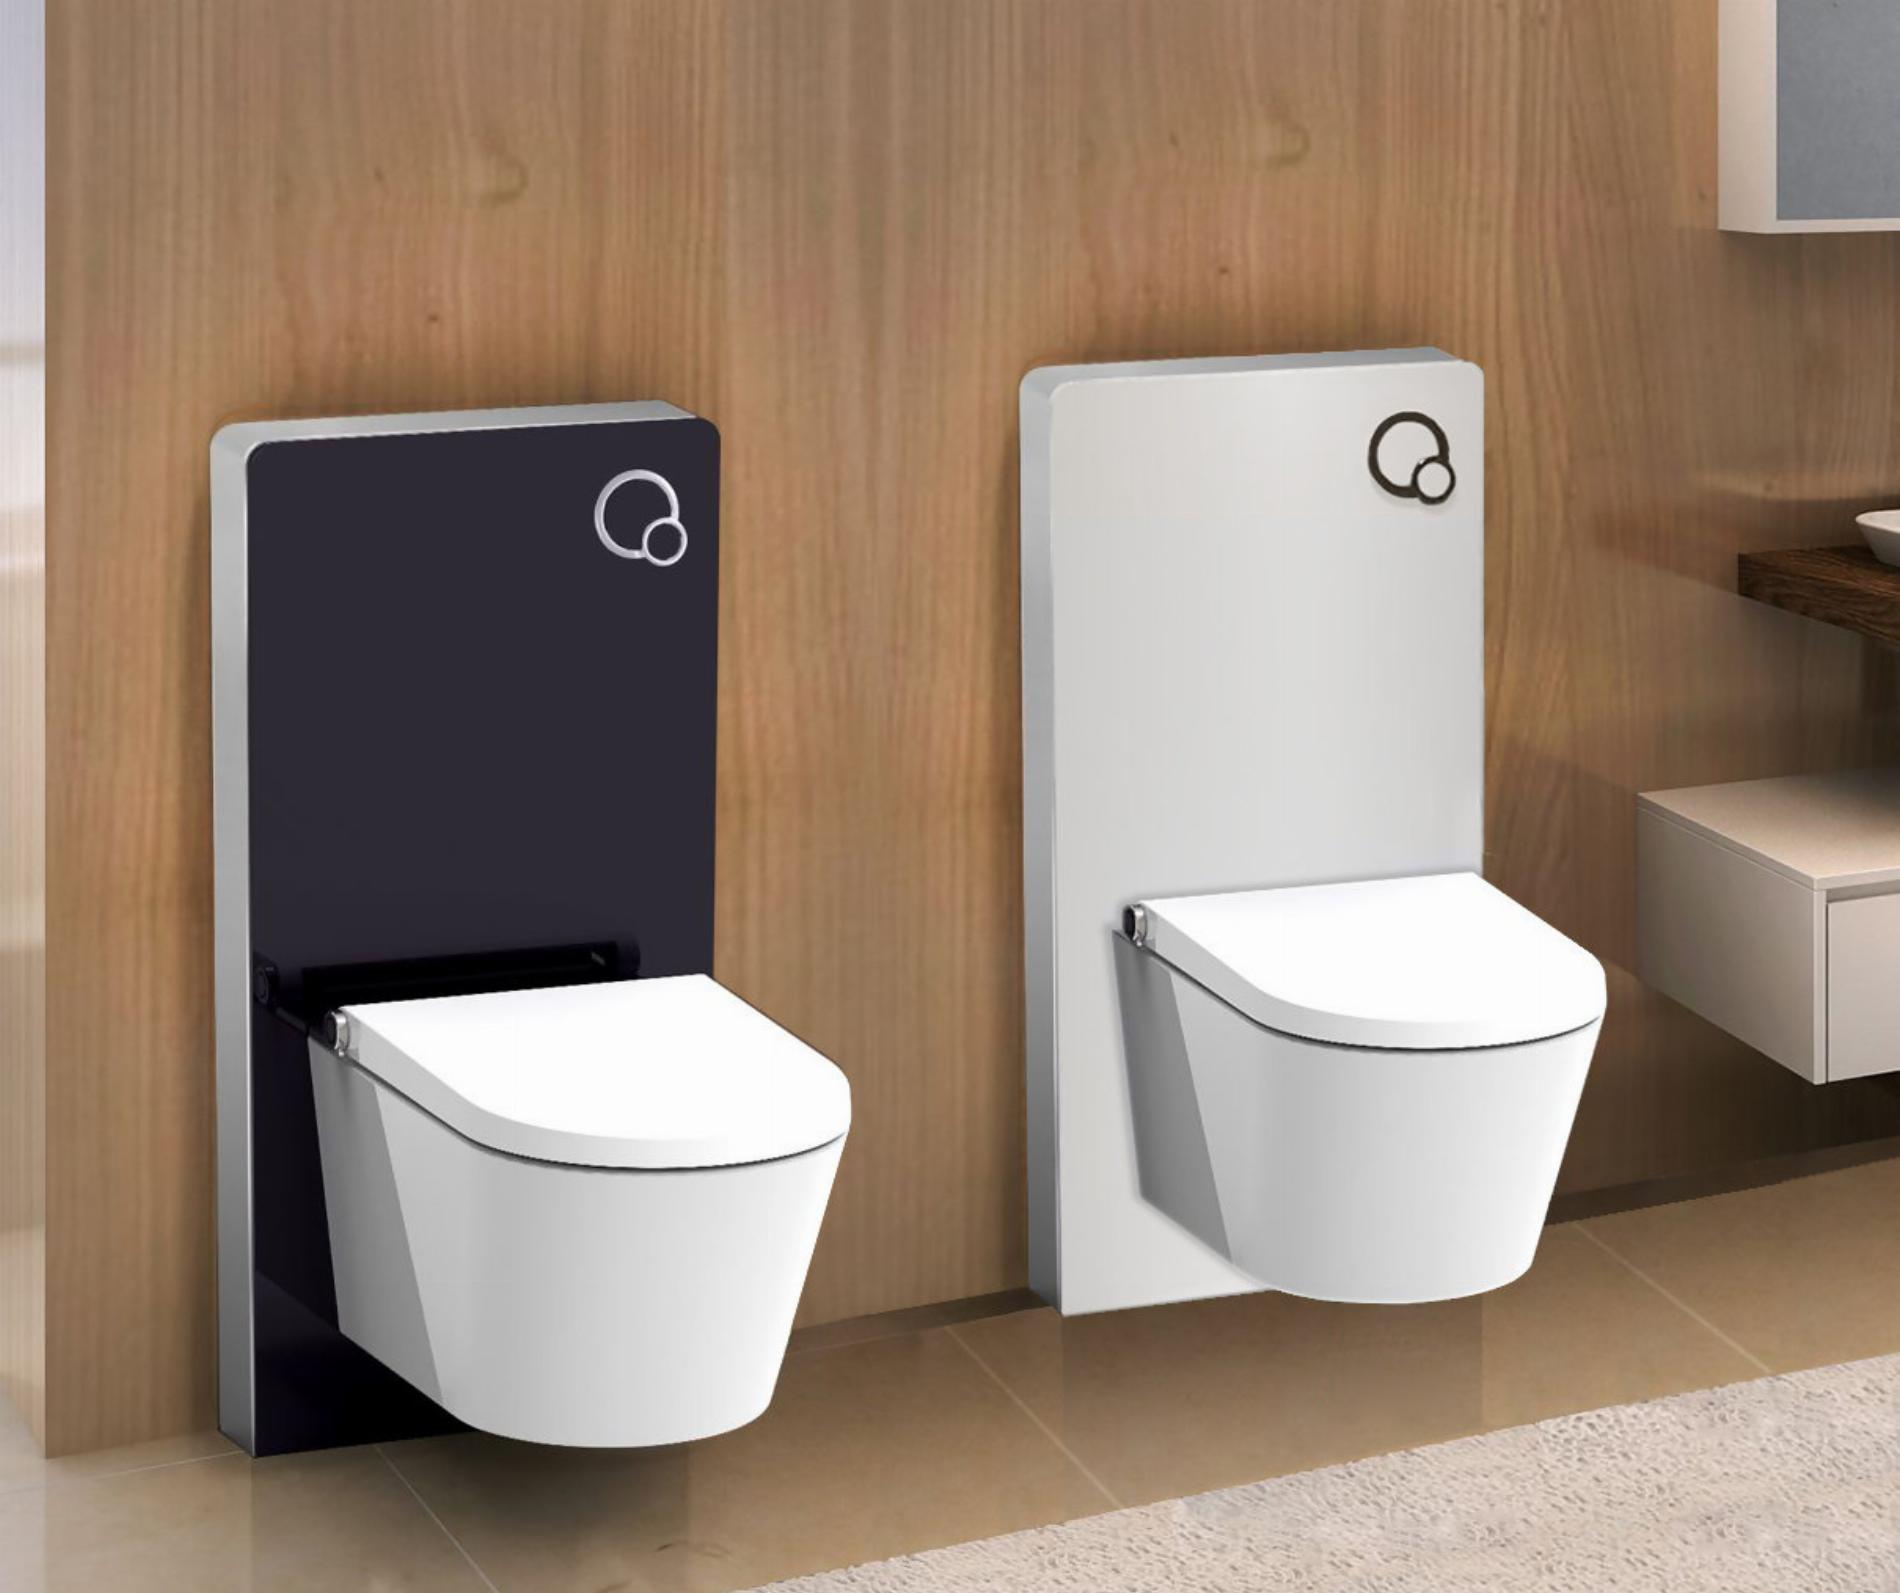 Sanitärmodul für Wand-WC inkl. Betätigungsplatte